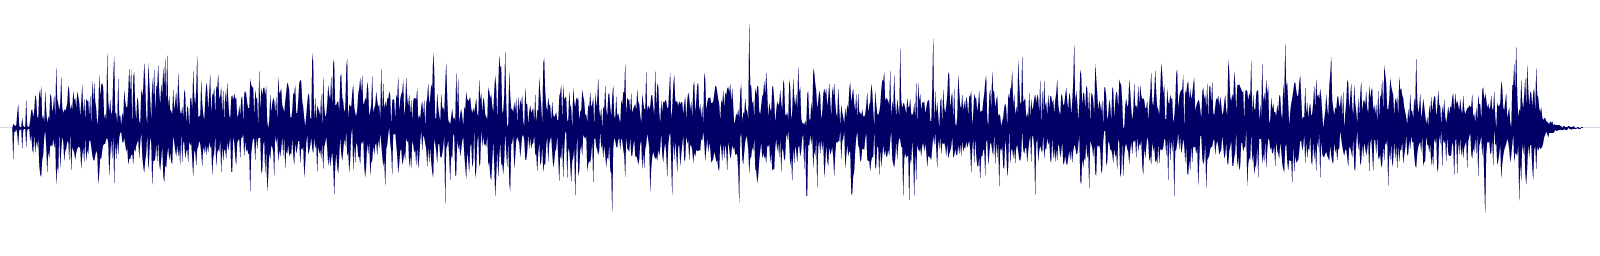 waveform of track #138039